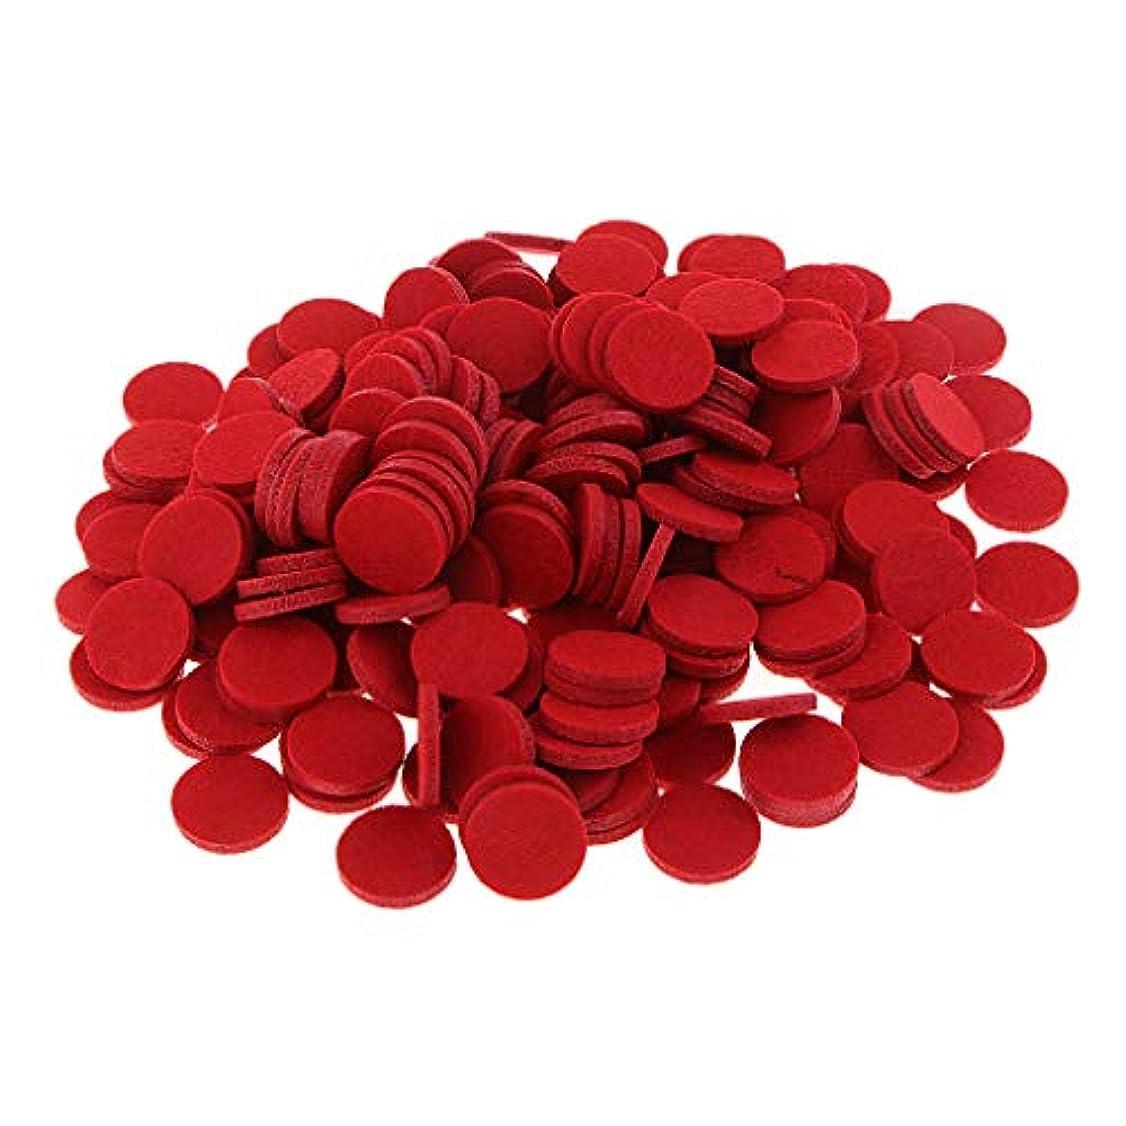 盟主ずっと擁するFenteer 約200個入り 詰め替えパッド 精油付き アロマディフューザー 交換用 オイルパッド 全11色 - 赤